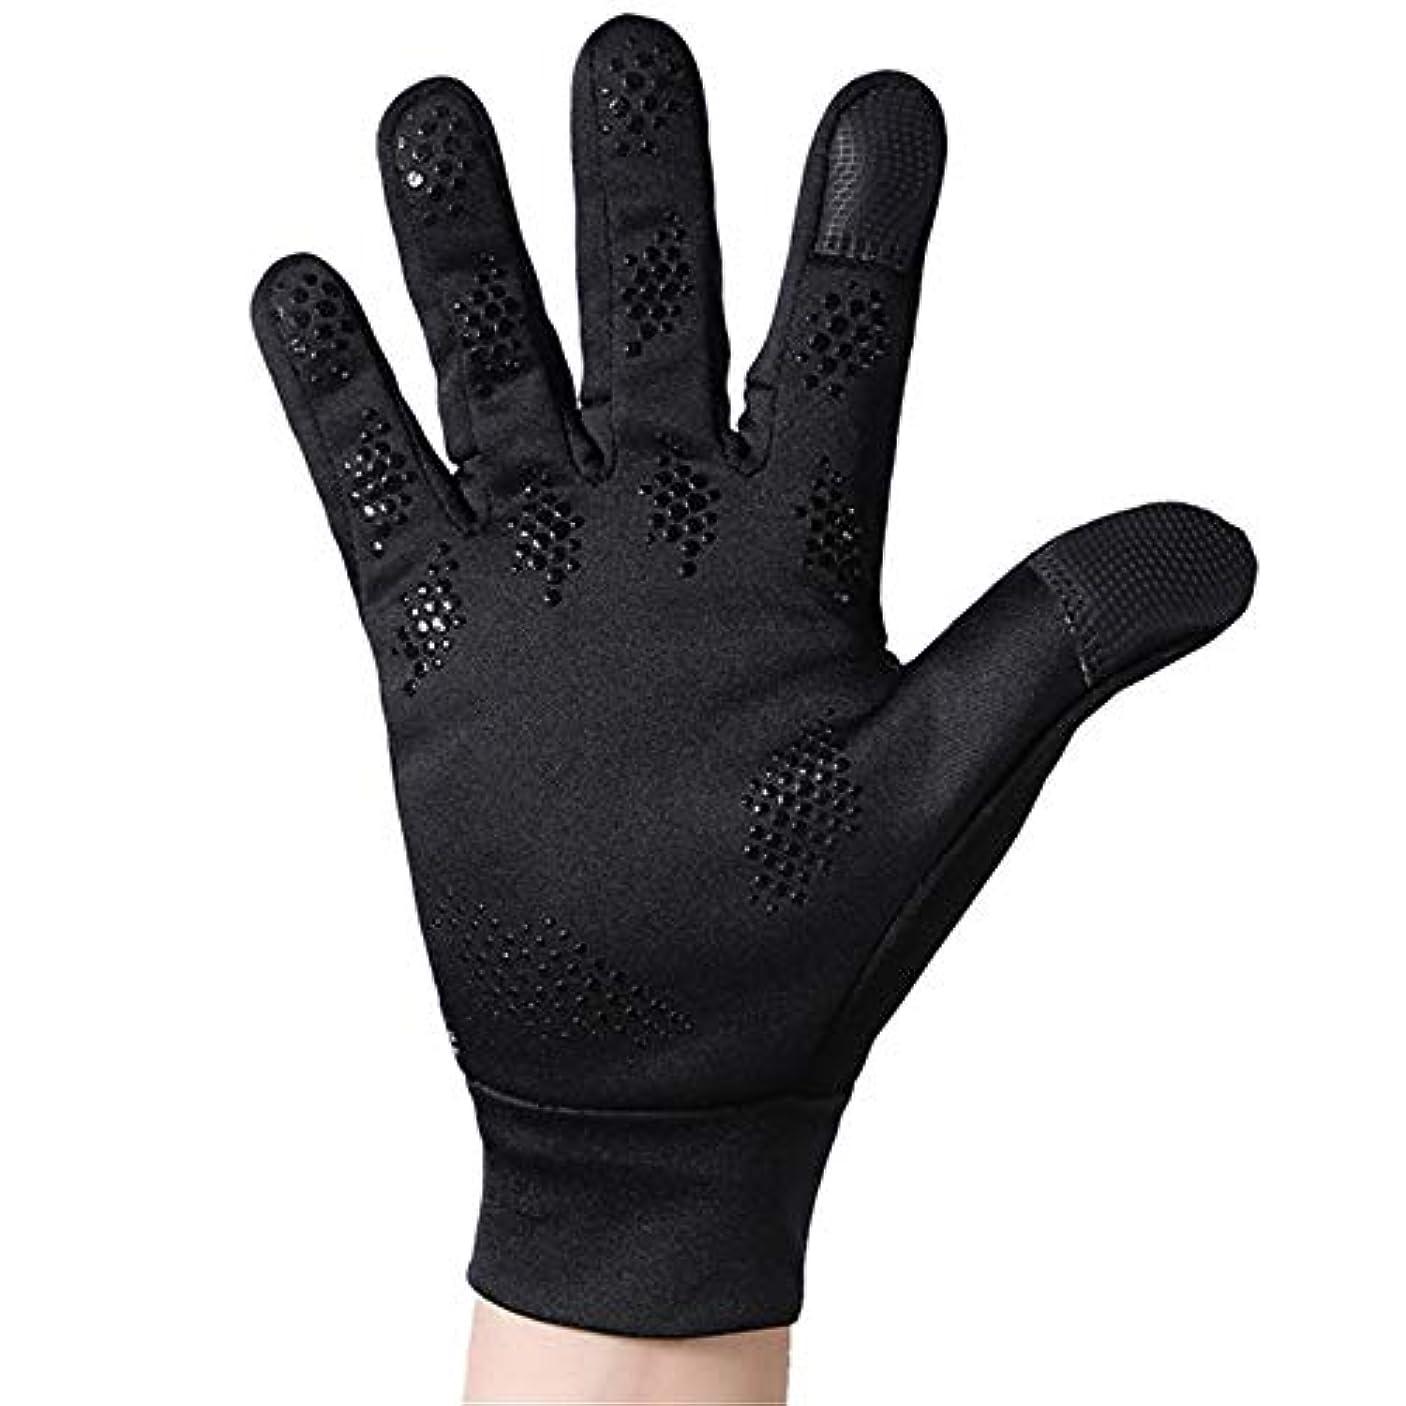 タッチヒギンズ延ばす快適 タッチスクリーン手袋、スマートフォンのためのフルフィンガーコールドウェザー防風サーマルグローブ - 男性用サイクリングとハンドウォーマー女性サイクリングとランニング (色 : ブラック, サイズ : XL)